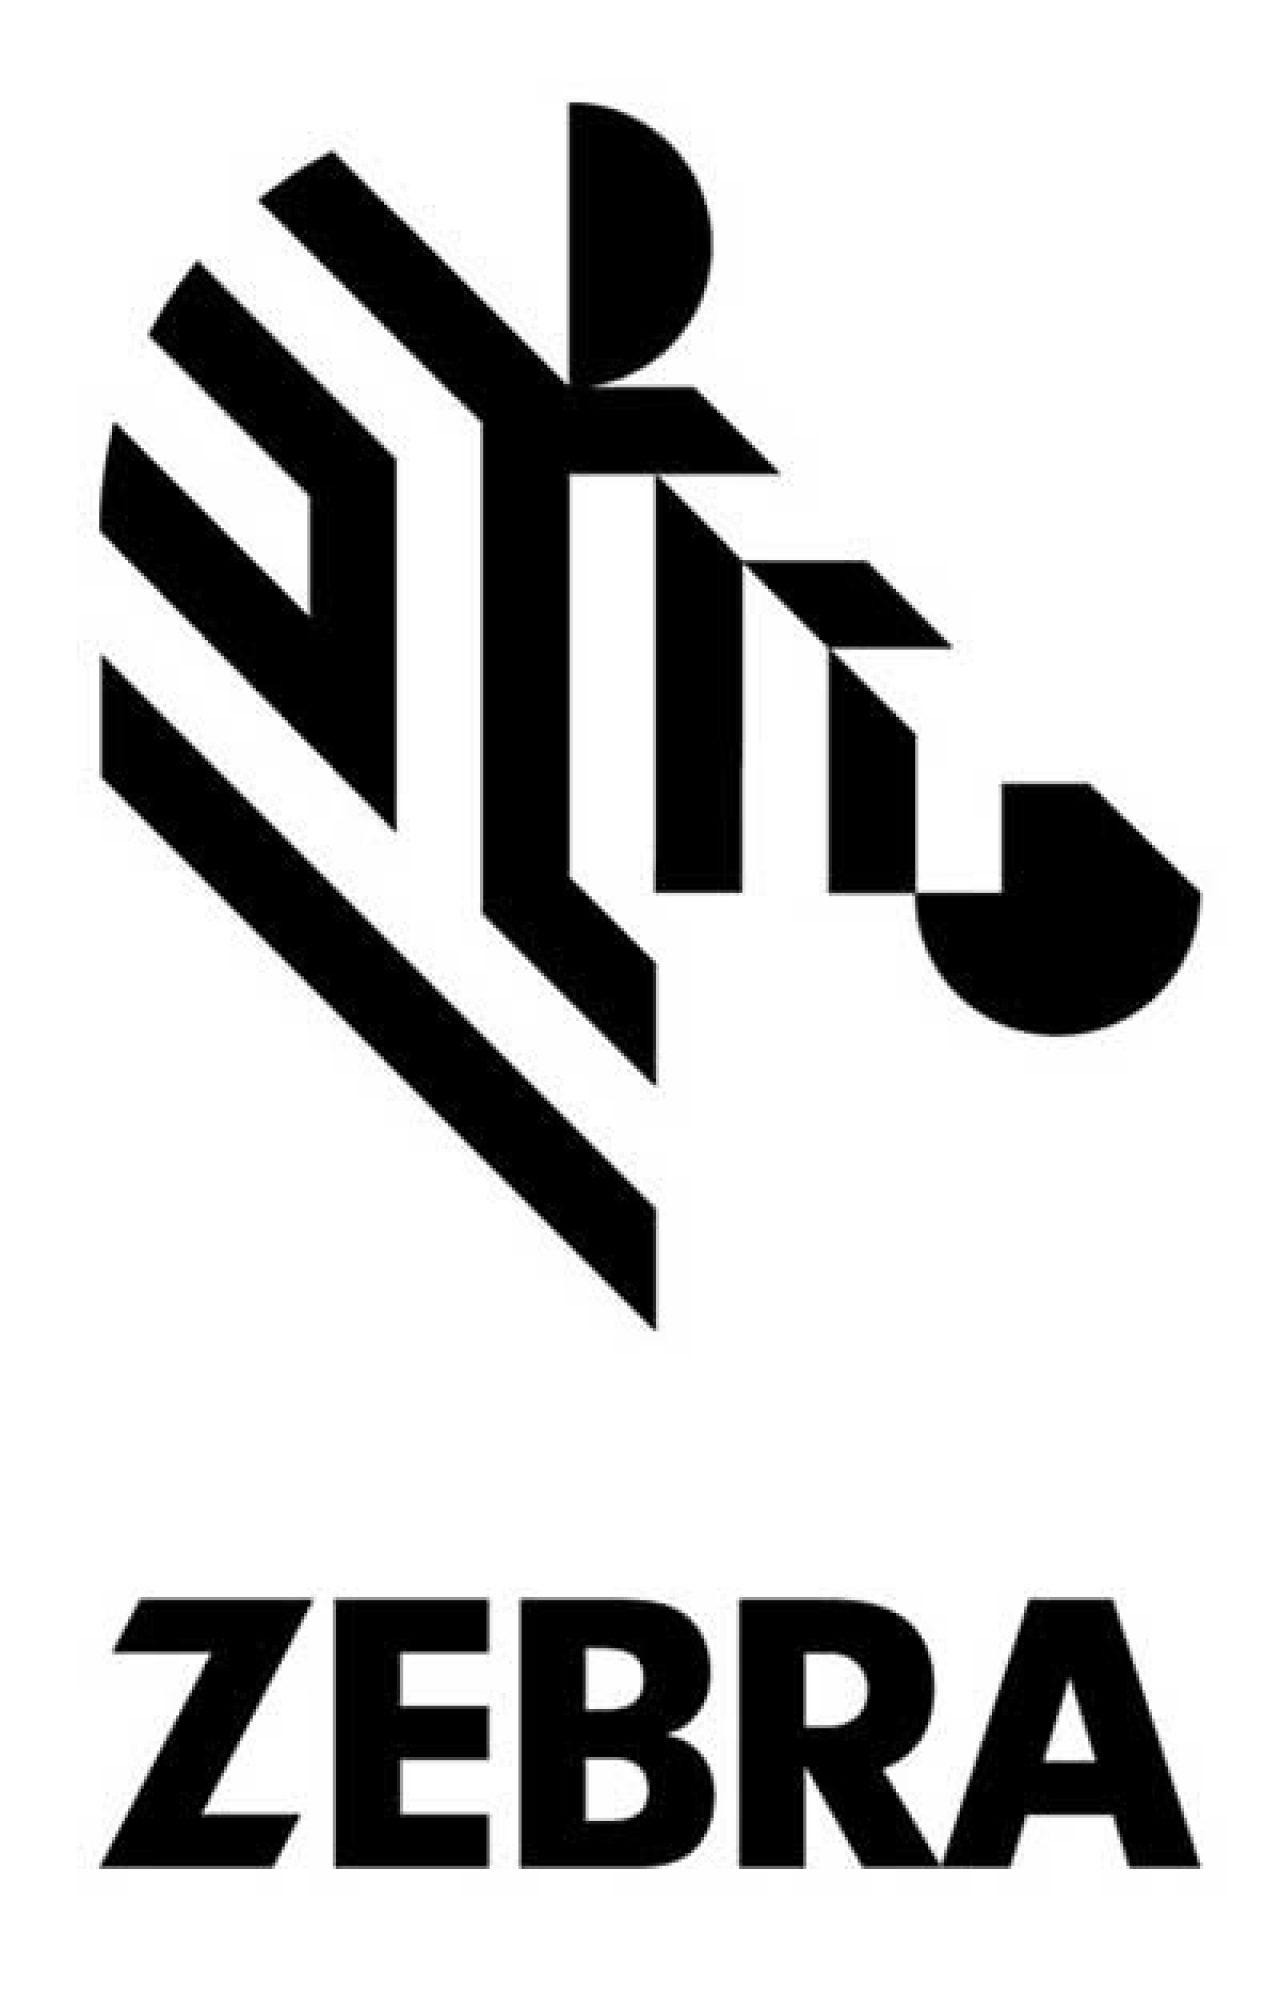 Логотип Zebra